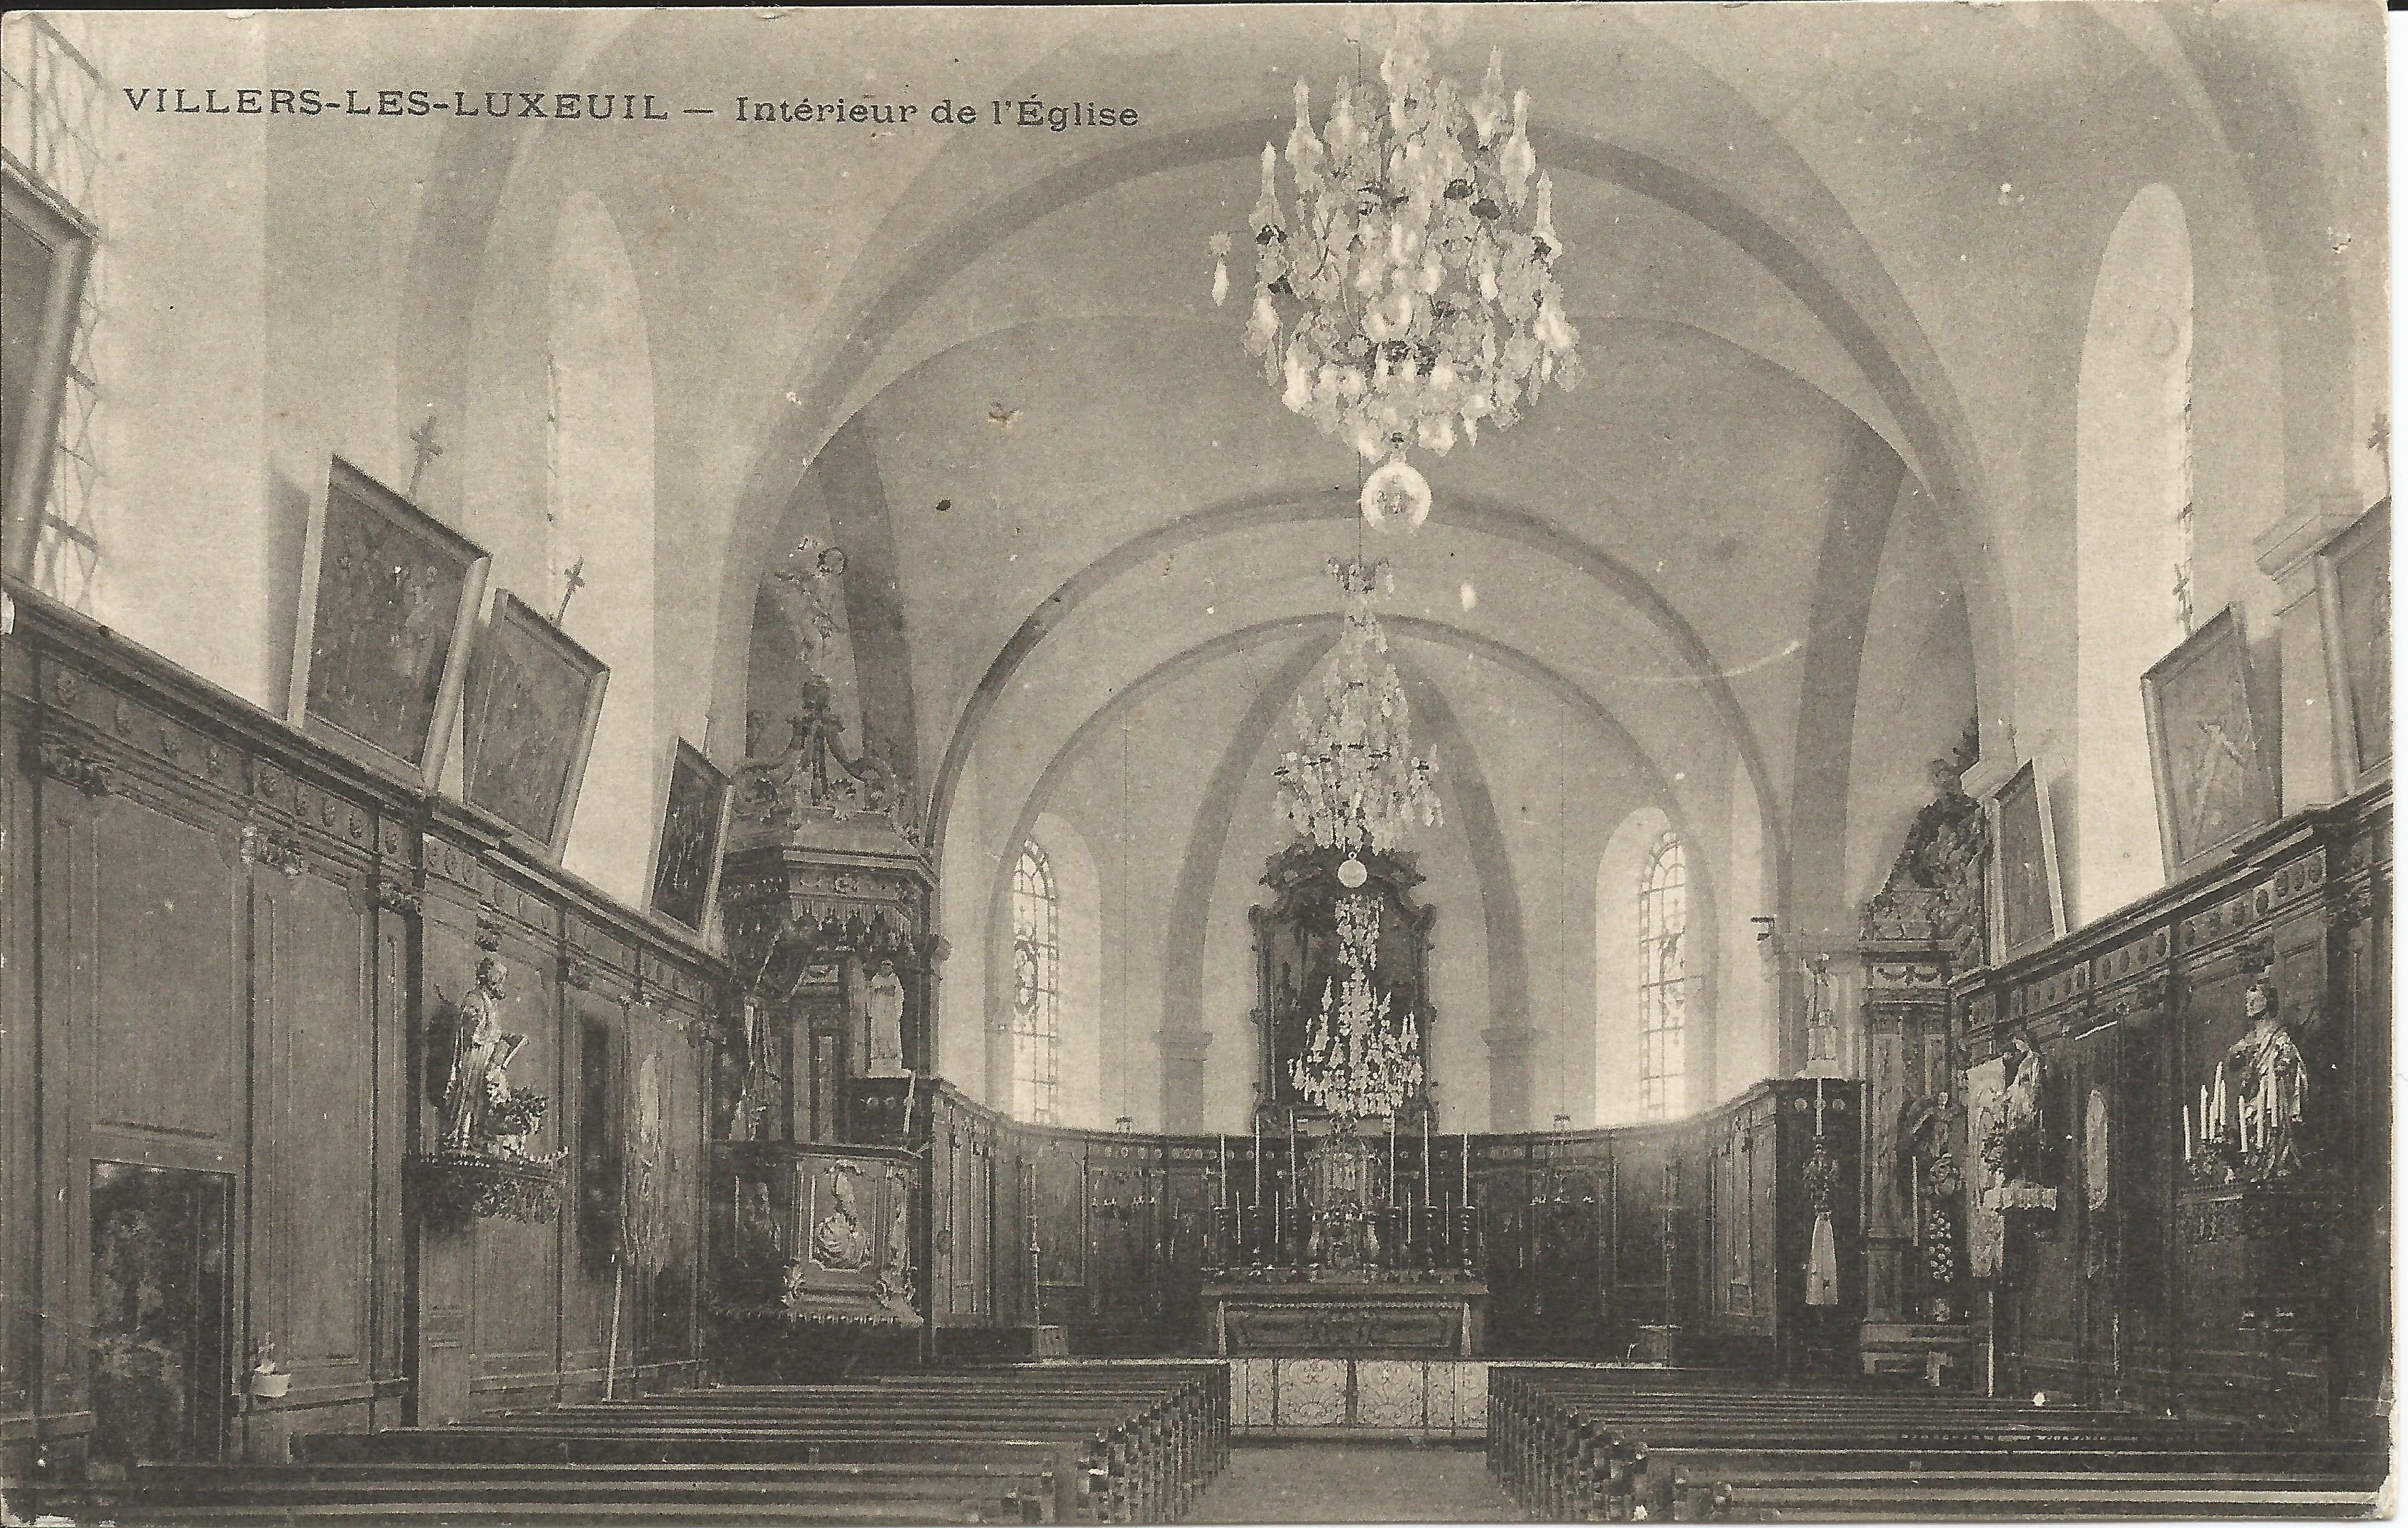 https://www.villers-les-luxeuil.com/projets/villers/files/images/Cartes_postales/EgliseInt_2015/LEglise_12.jpg